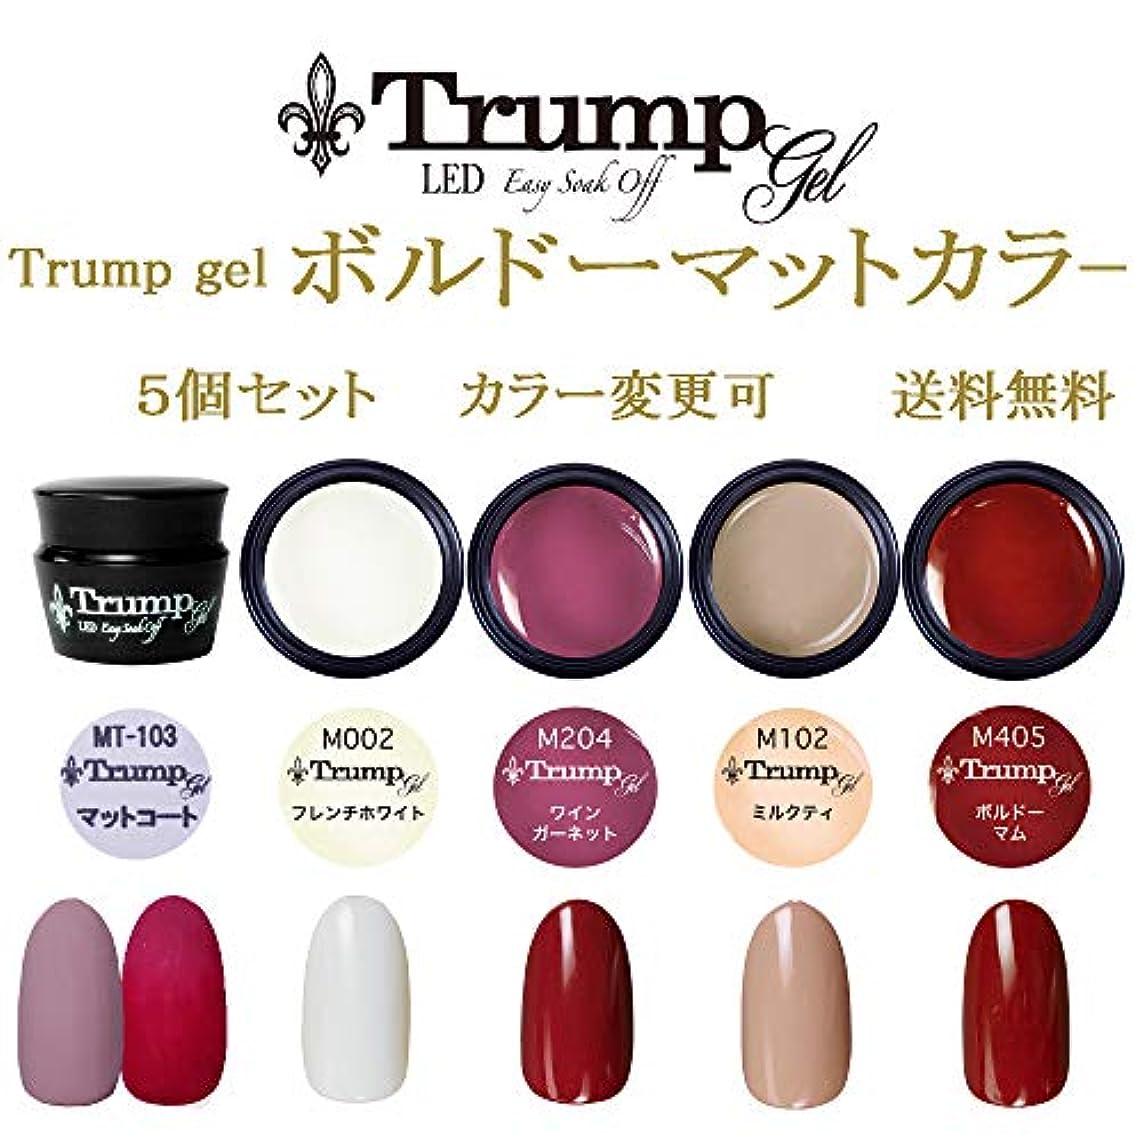 偽装する寛解素晴らしいです日本製 Trump gel トランプジェル ボルドー マット カラー 選べる カラージェル 5個セット マットコート ホワイト ワイン レッド ベージュ